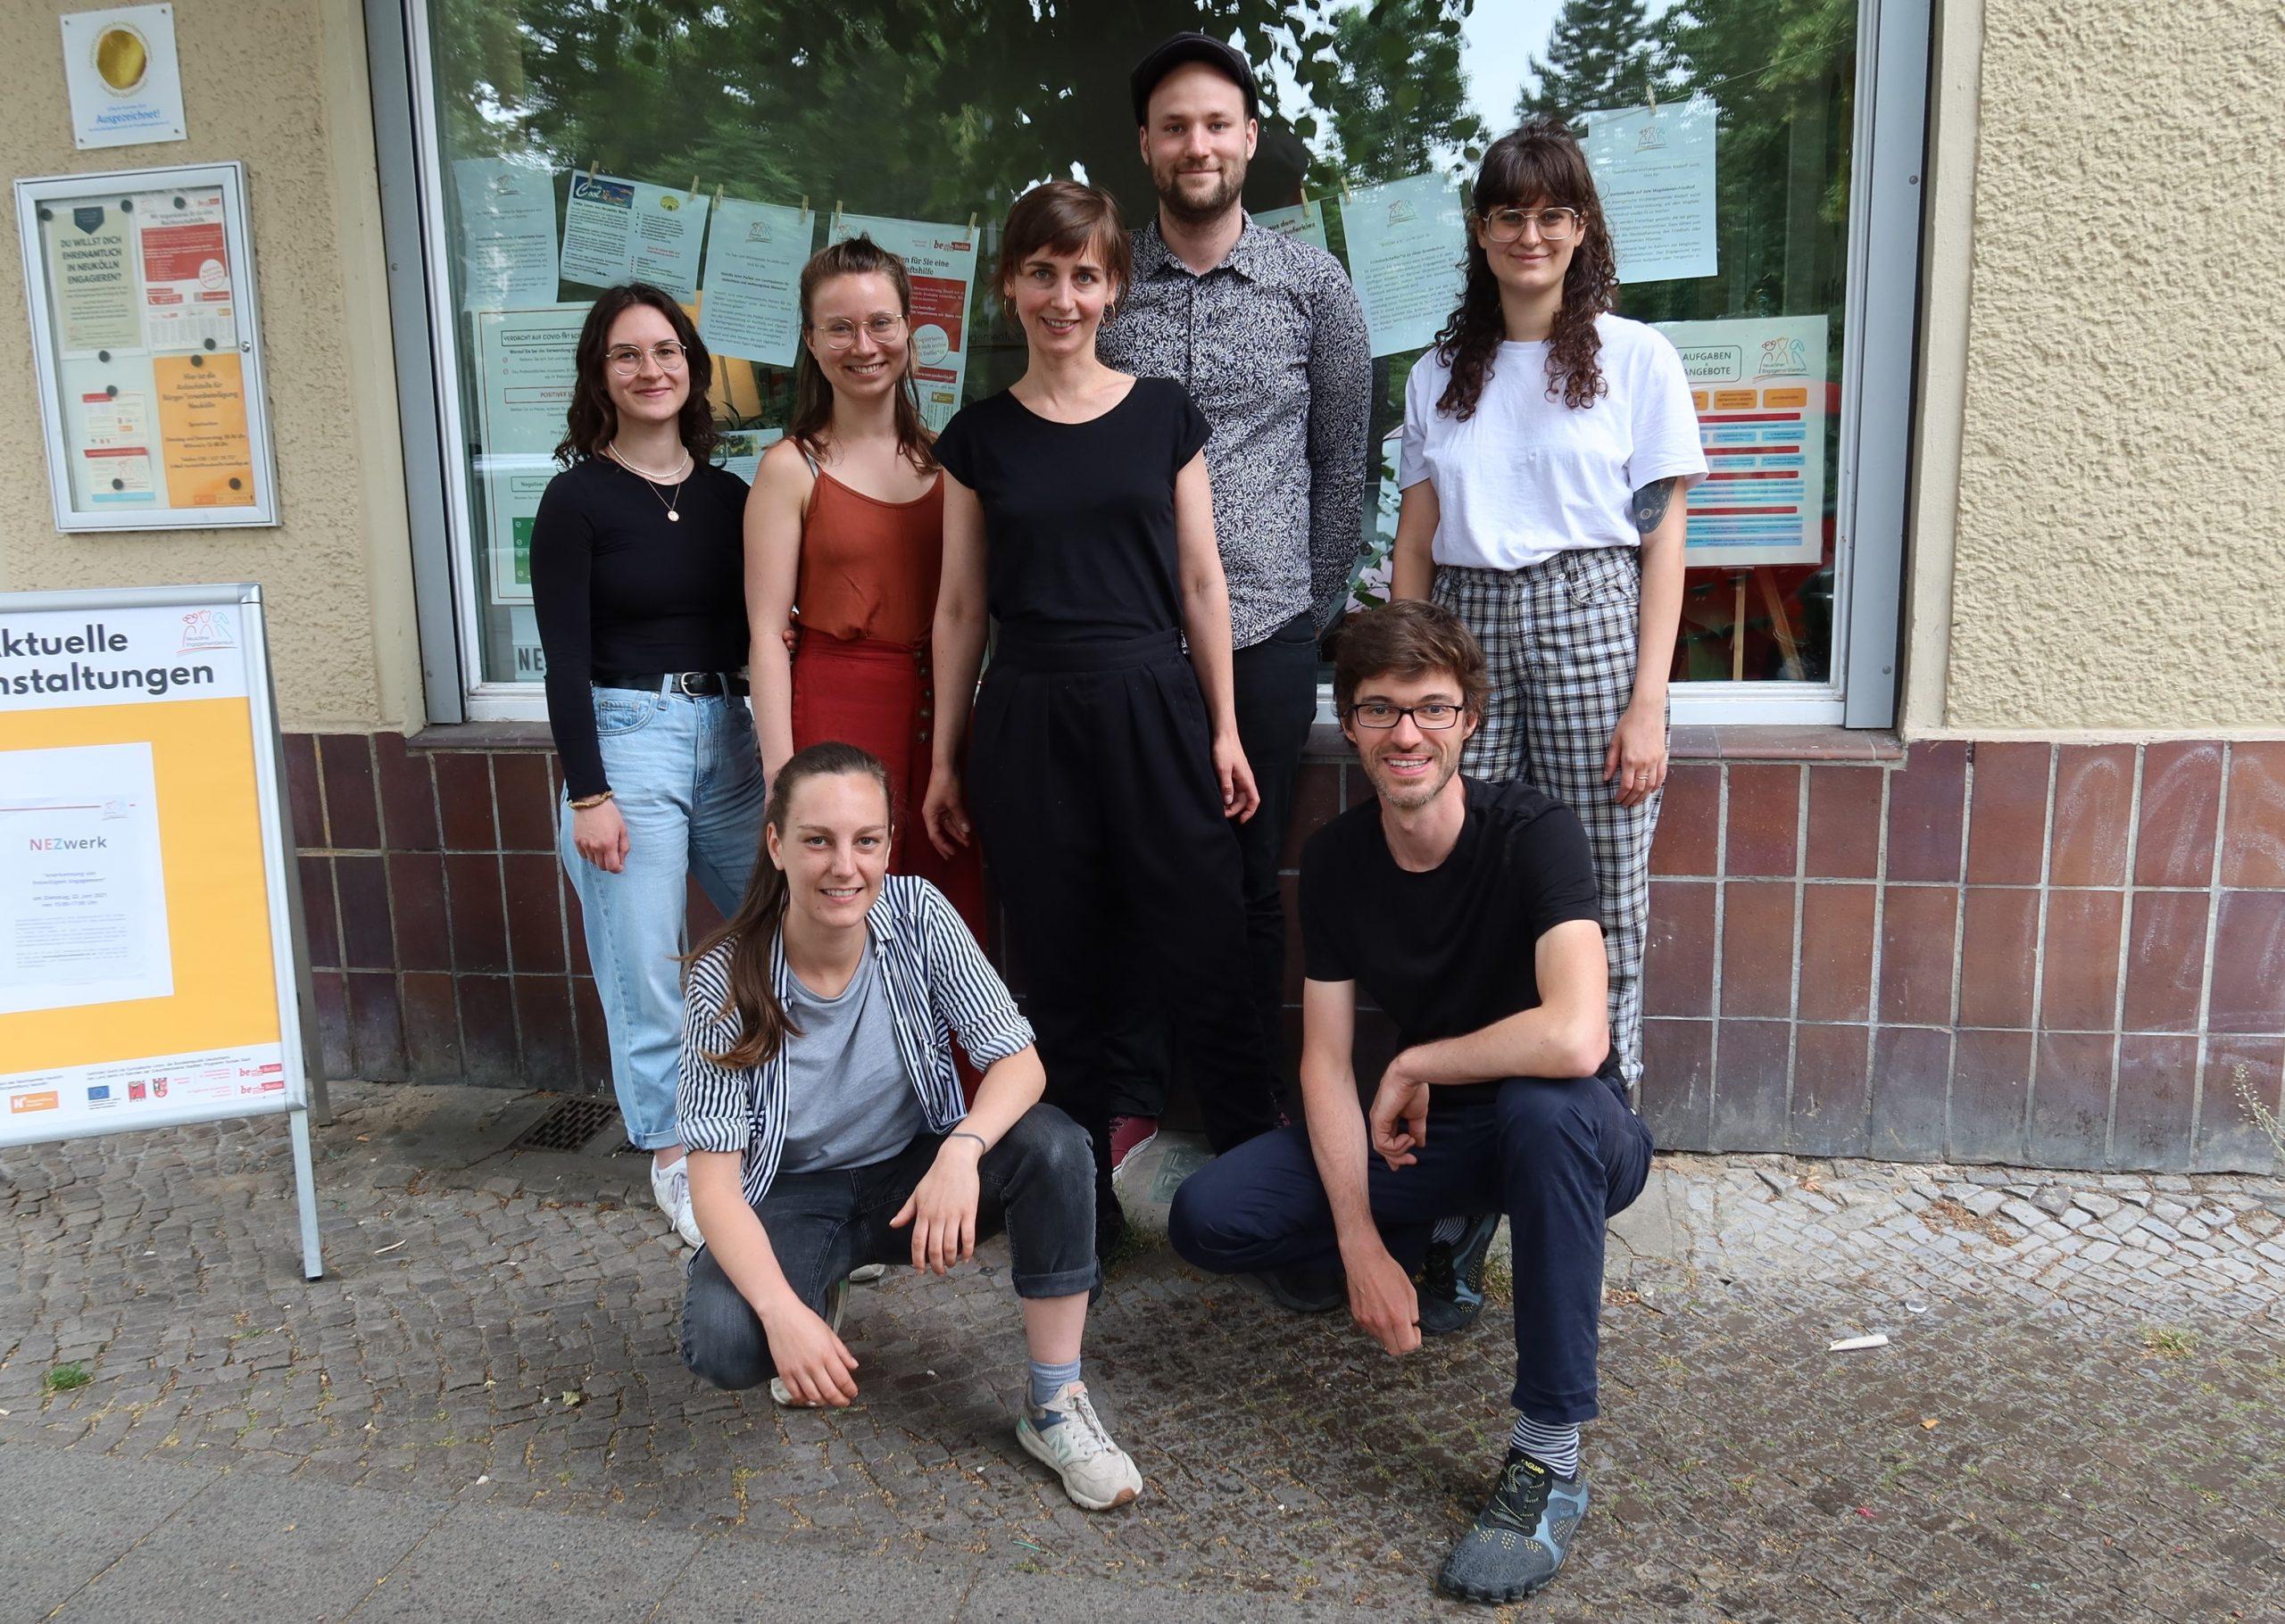 Das Bild zeigt sieben Personen des Teams des Neuköllner EngagementZentrums (NEZ) vor dem Schaufenster des NEZ.